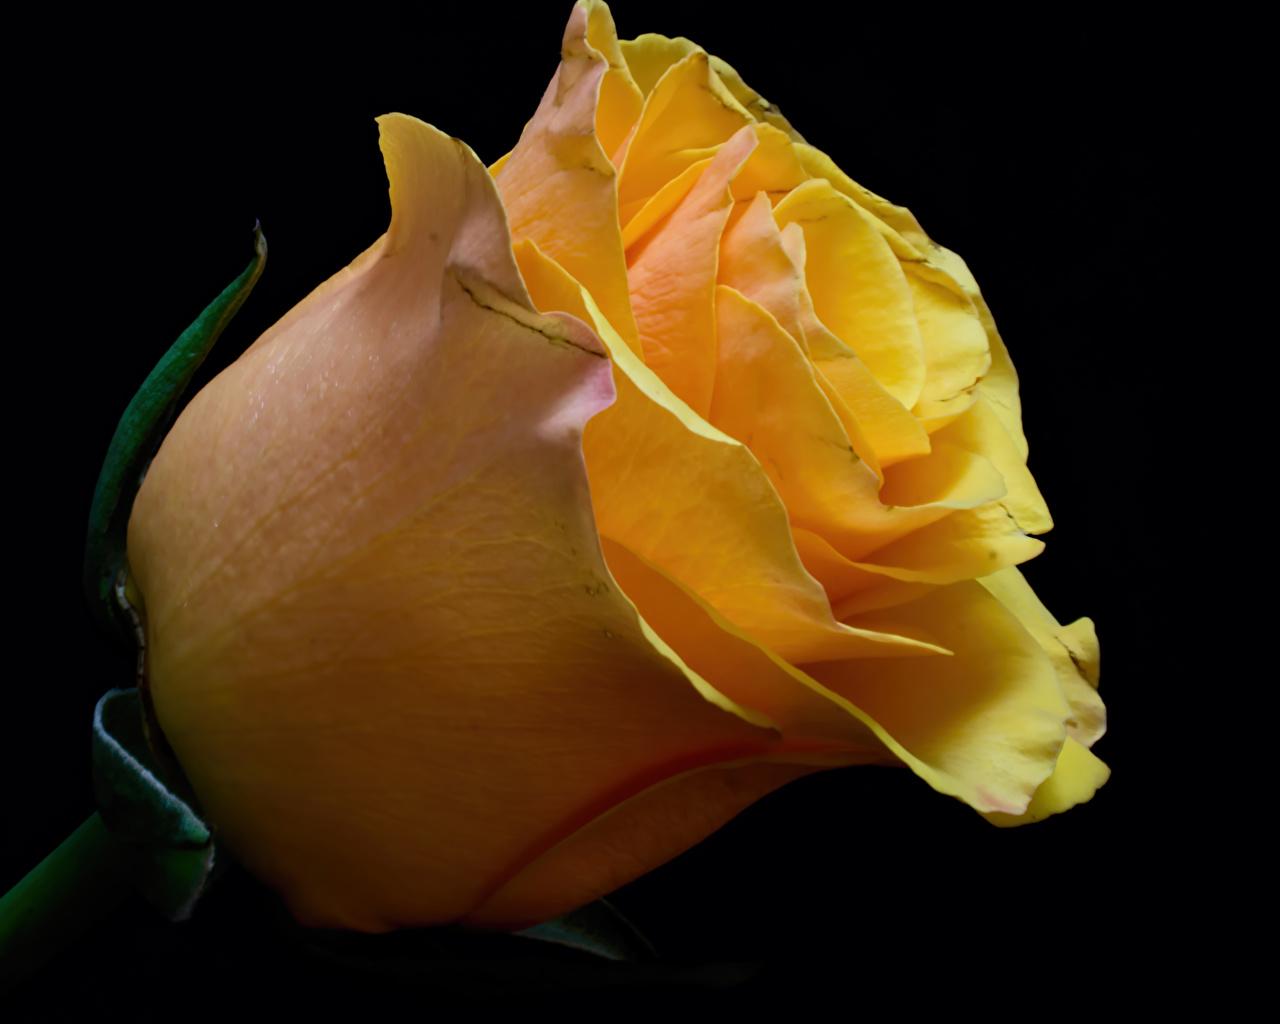 Картинка роза желтая цветок Черный фон Крупным планом Розы Желтый желтые желтых Цветы вблизи на черном фоне